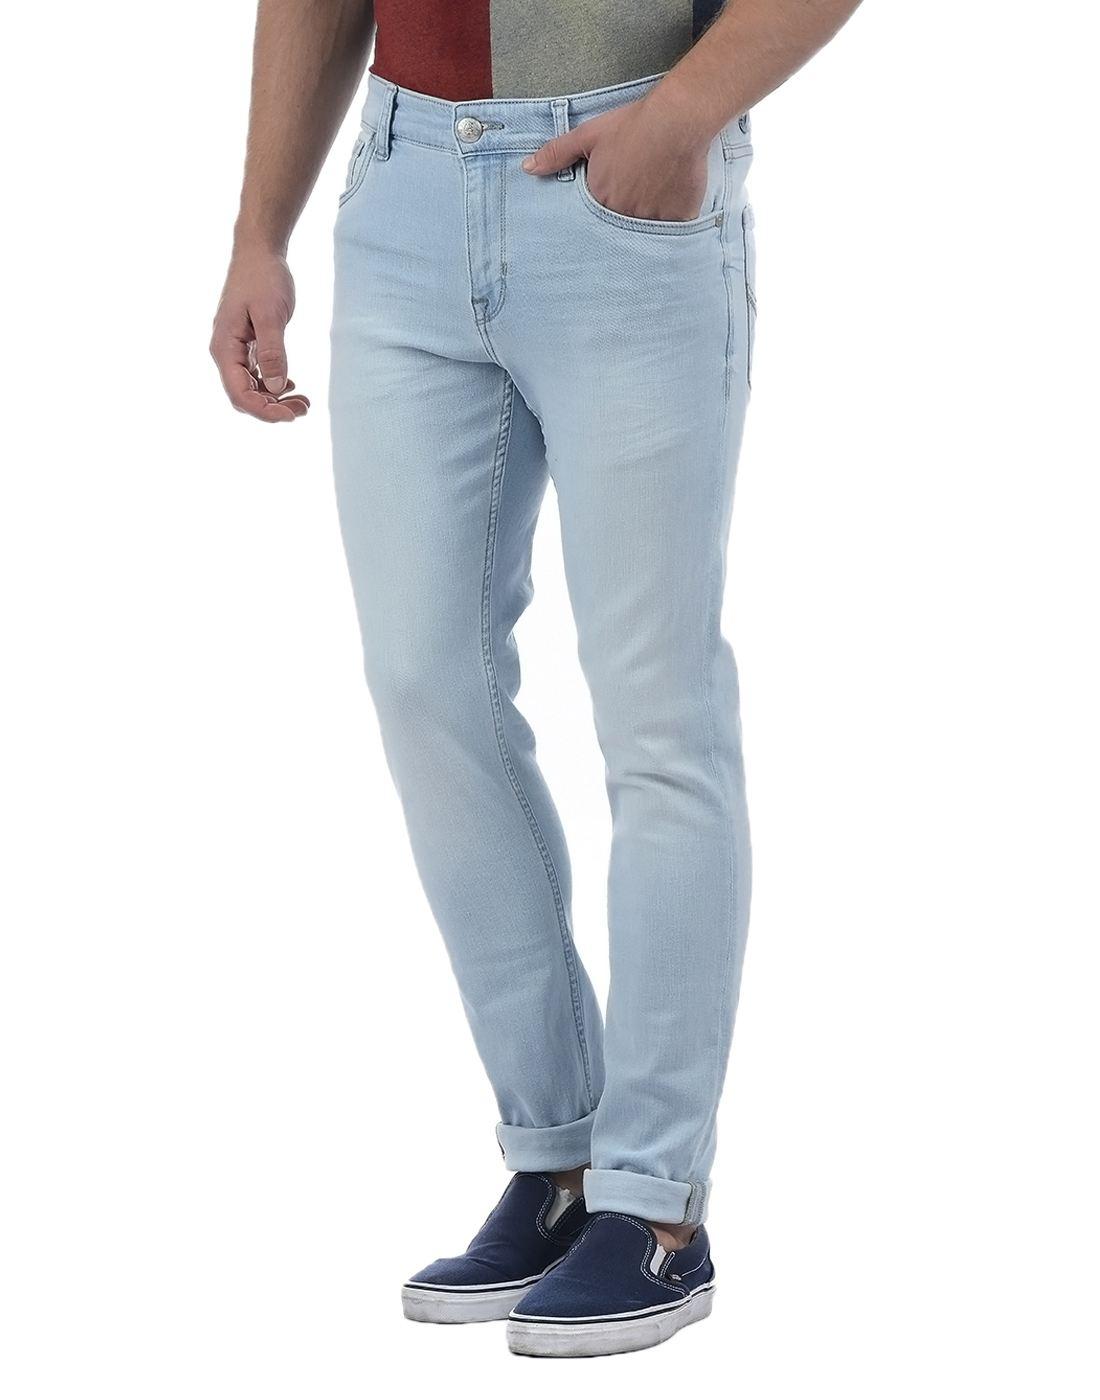 U.S. Polo Assn. Men Casual Jeans